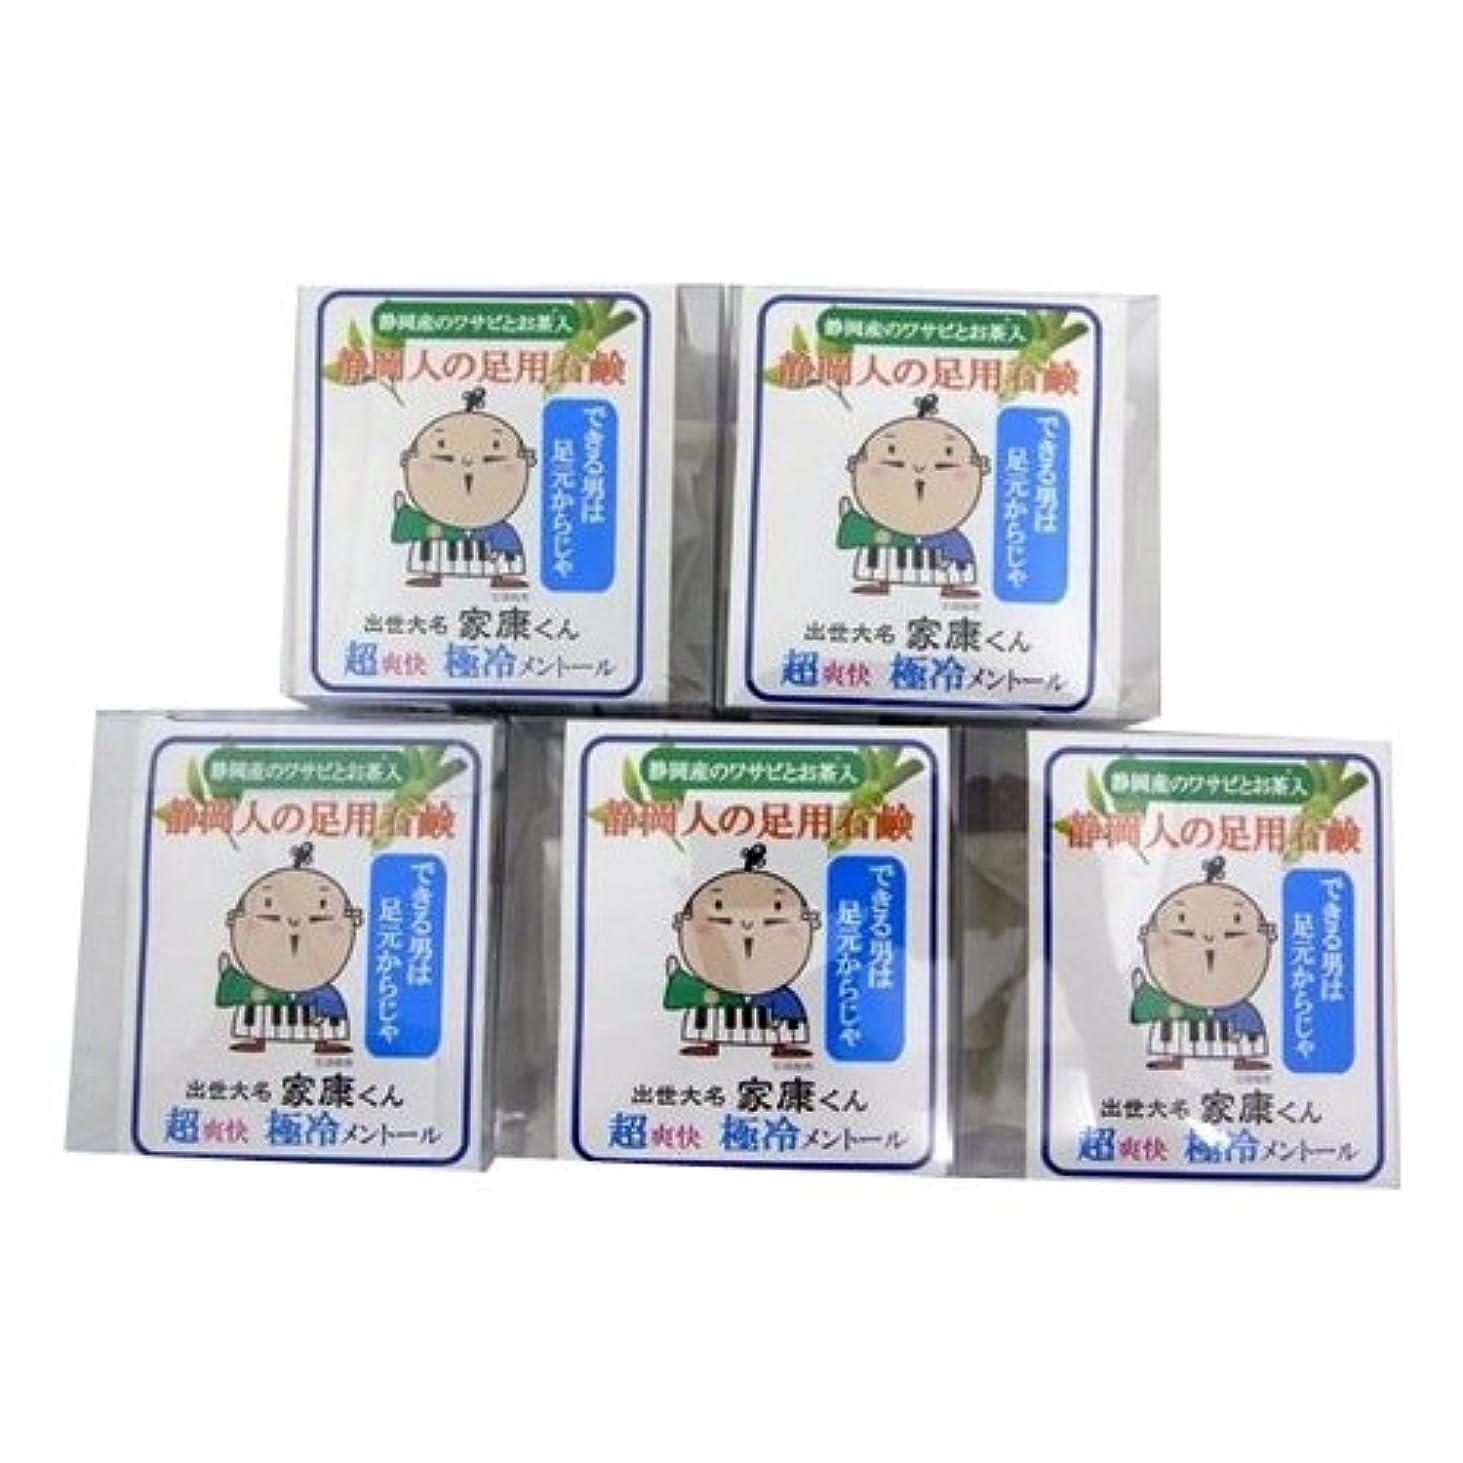 スキーム刺激する物思いにふけるエコライフラボ 静岡人の足用石鹸60g (ネット付) 5個セット